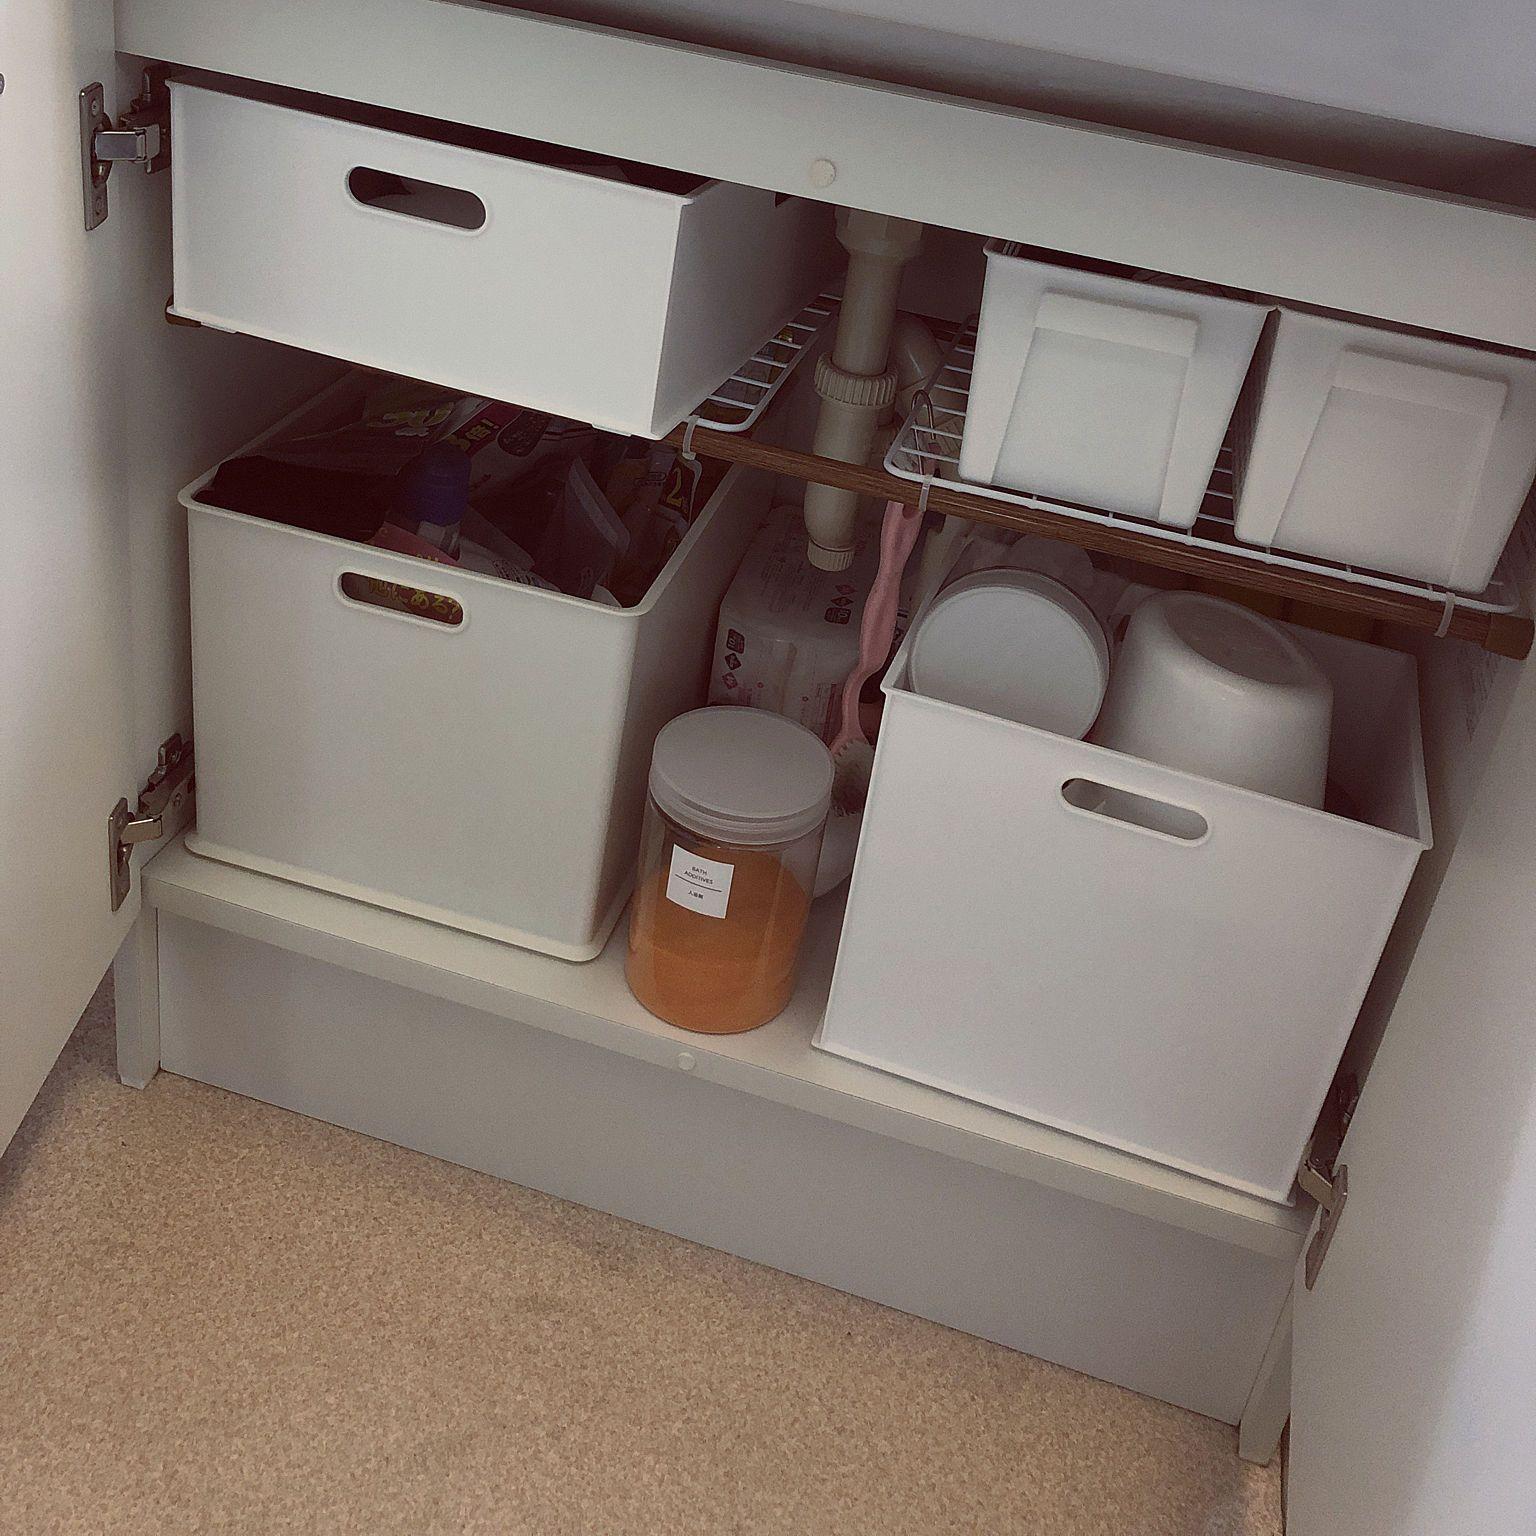 バス トイレ 洗面台の下収納 賃貸 3ldk ニトリ などのインテリア実例 2019 02 21 17 42 11 Roomclip ルームクリップ 賃貸 収納 洗面台 トイレ 洗面台